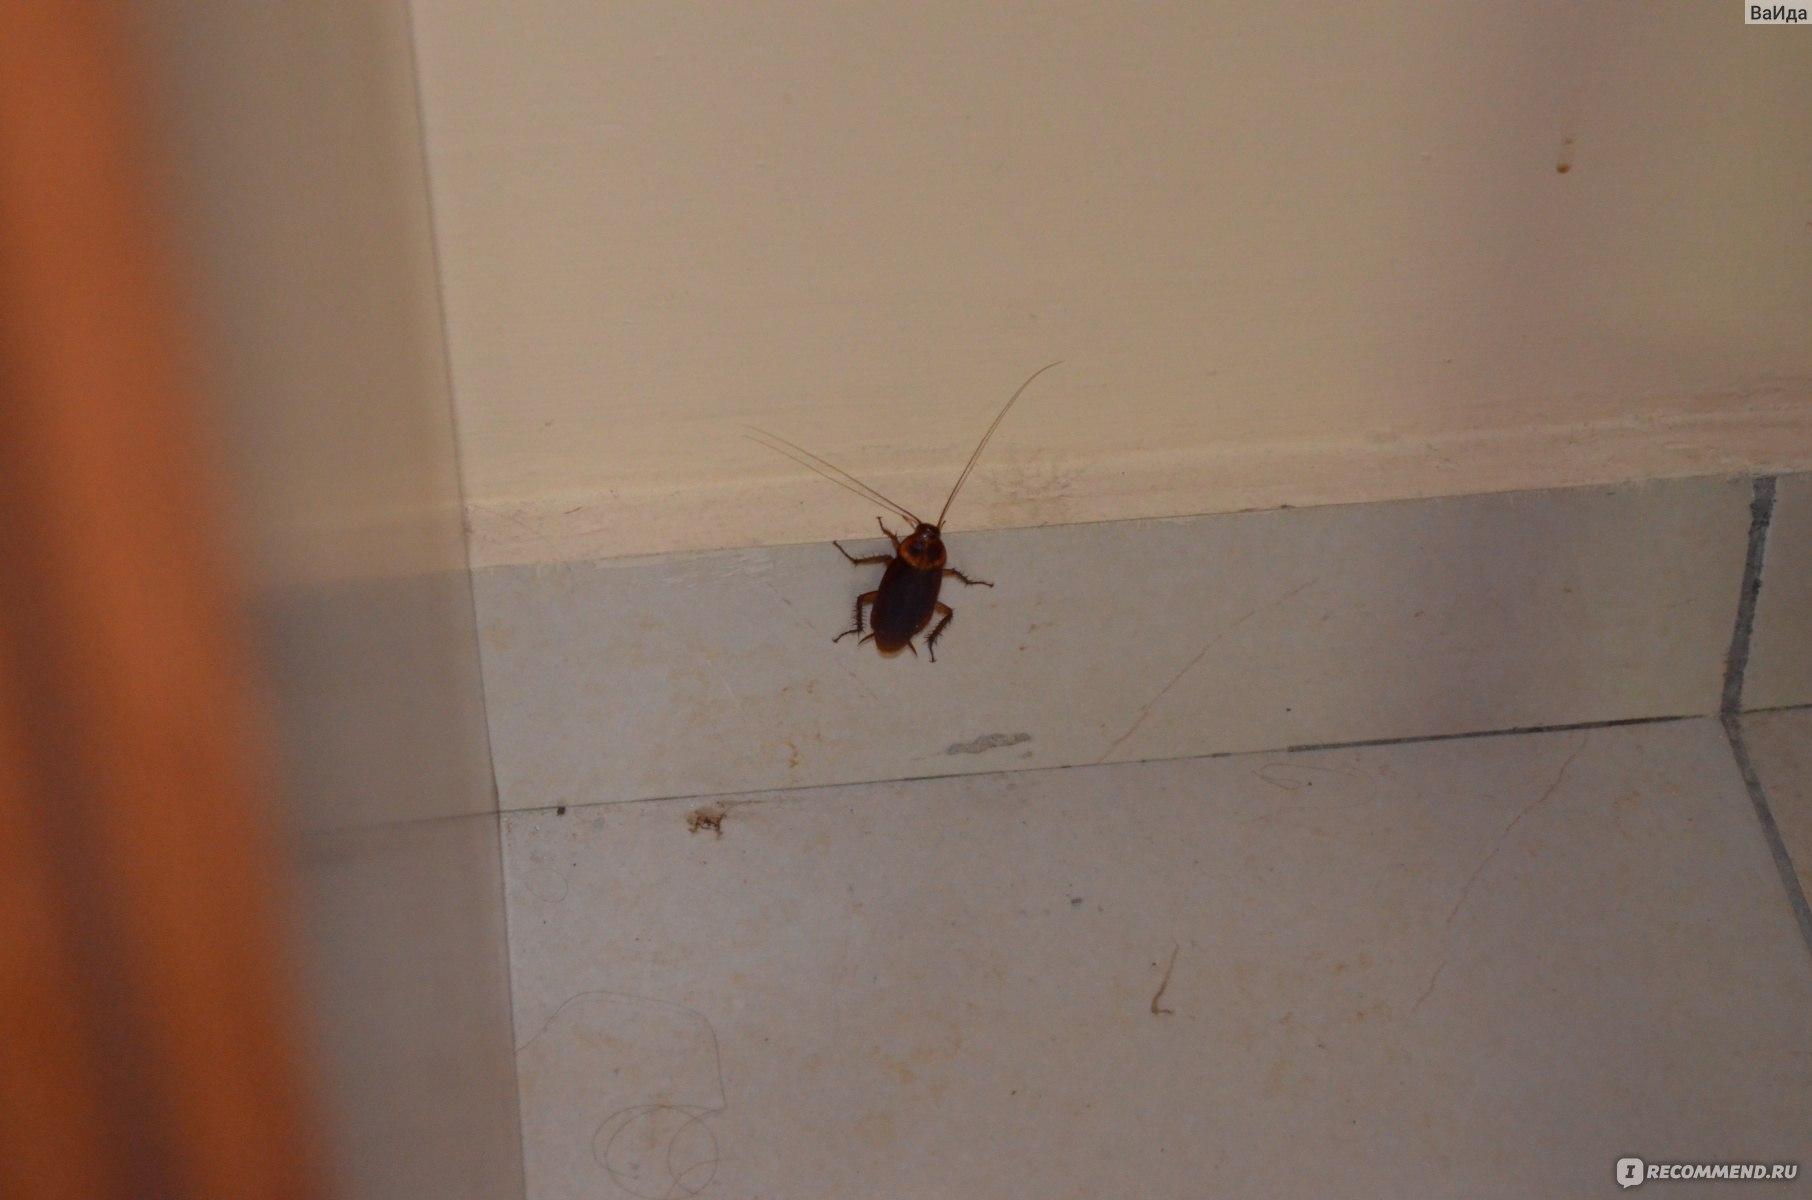 умолчанию фотограф тараканы на кипре фото туристов новая